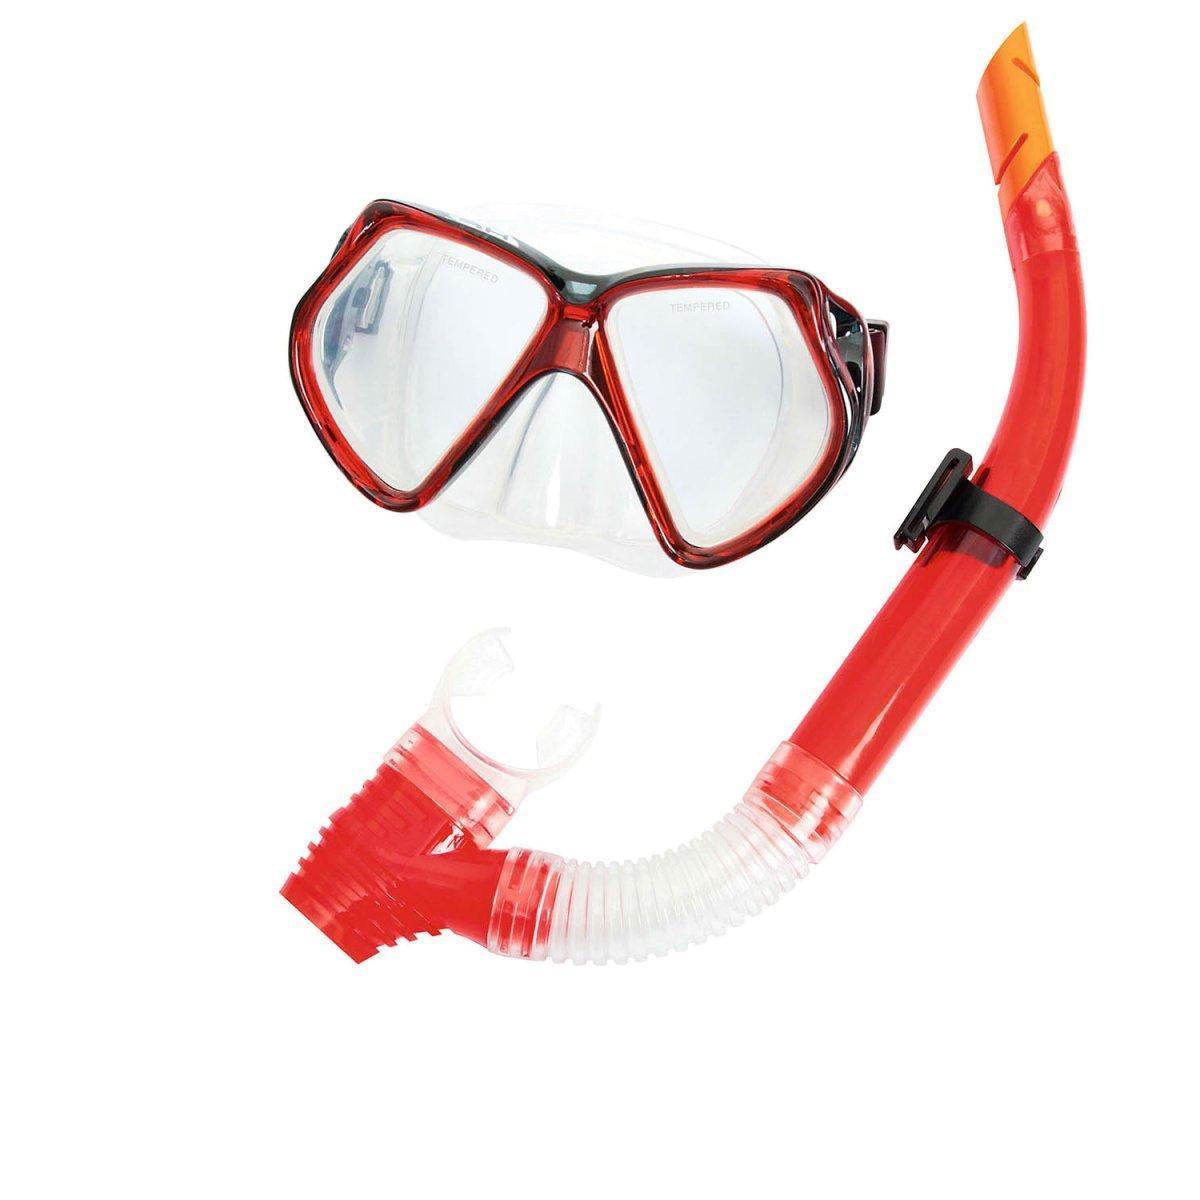 Набор 2 в 1 для плавания Bestway 24005 (маска: размер XXL, (14+), обхват головы ≈ 59 см, трубка), красный